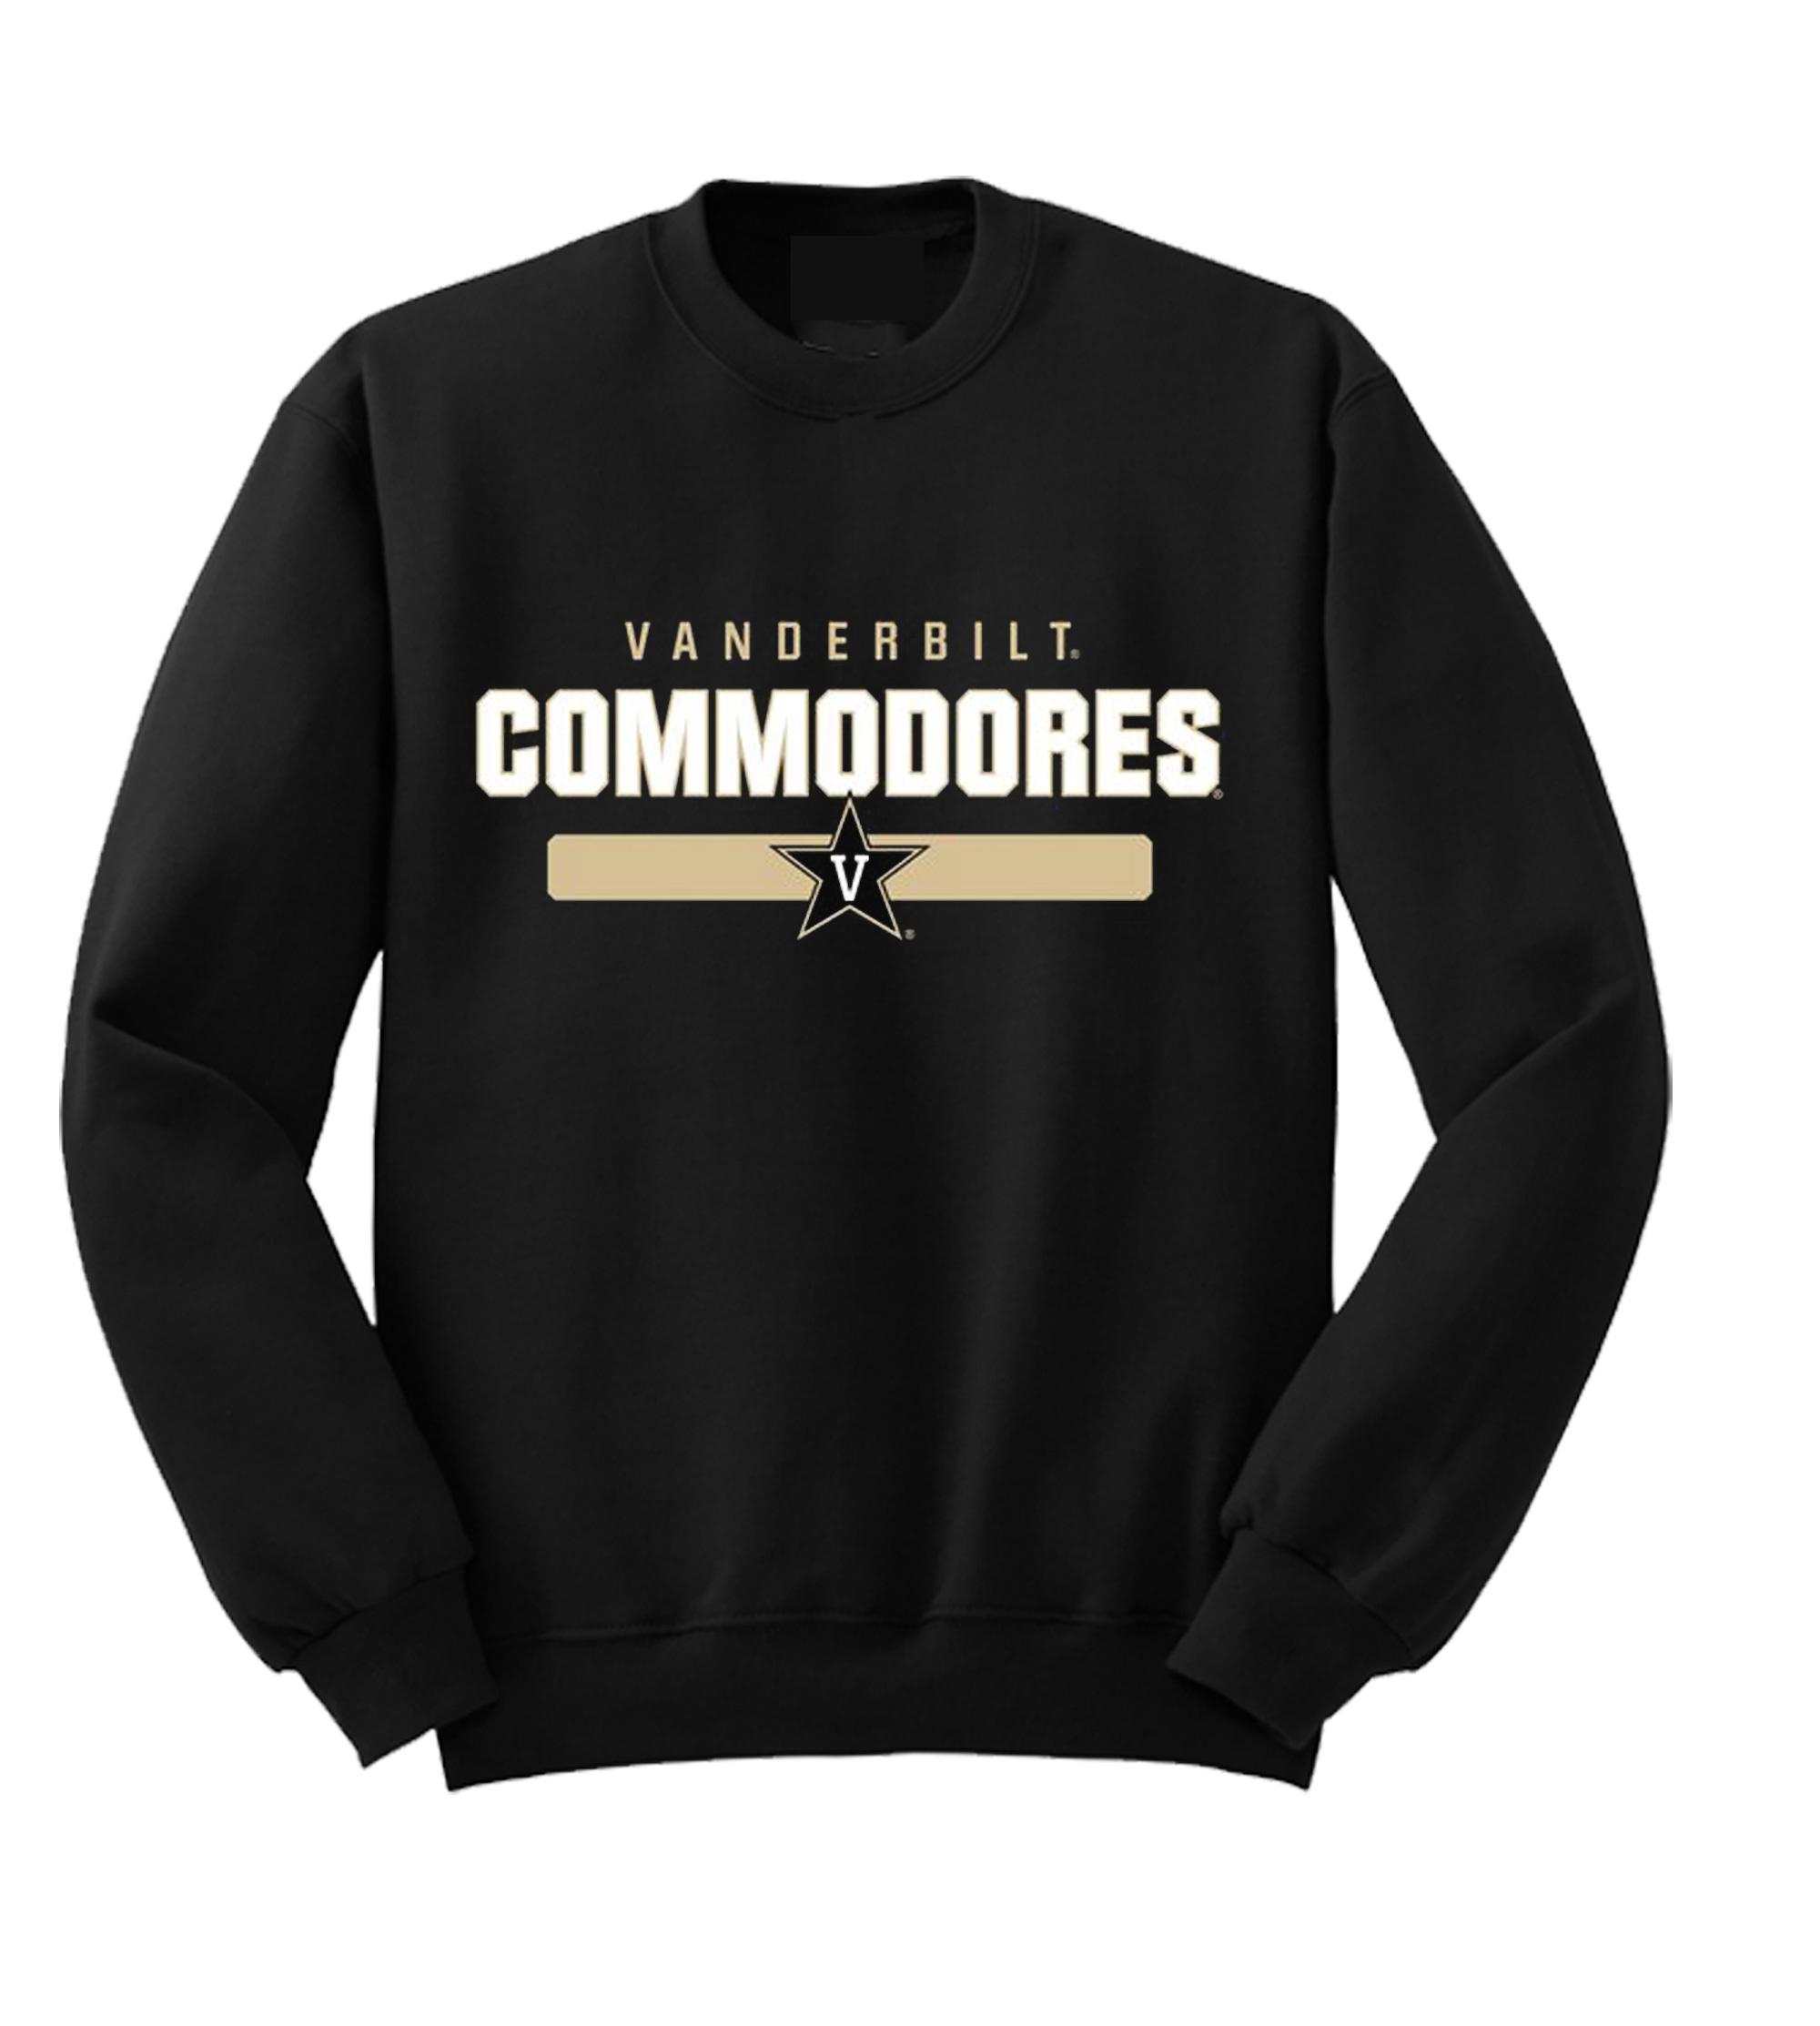 Vanderbilt Comoder Sweatshi